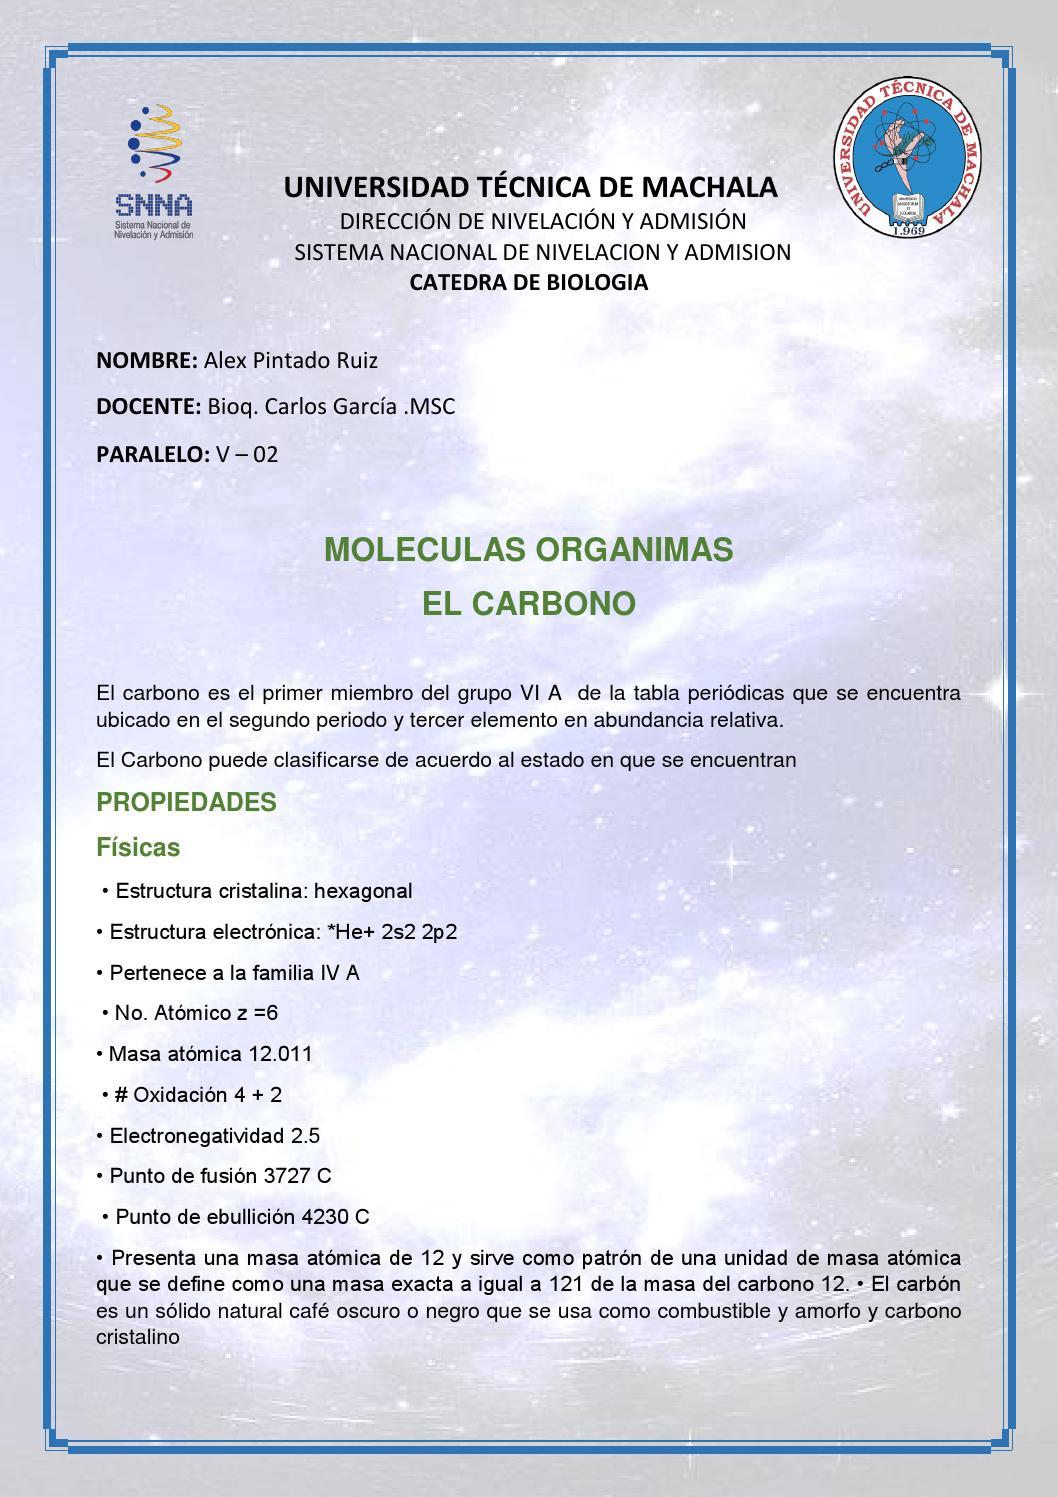 Materia 7 Moleculas Organicas El Carbono By Alexander